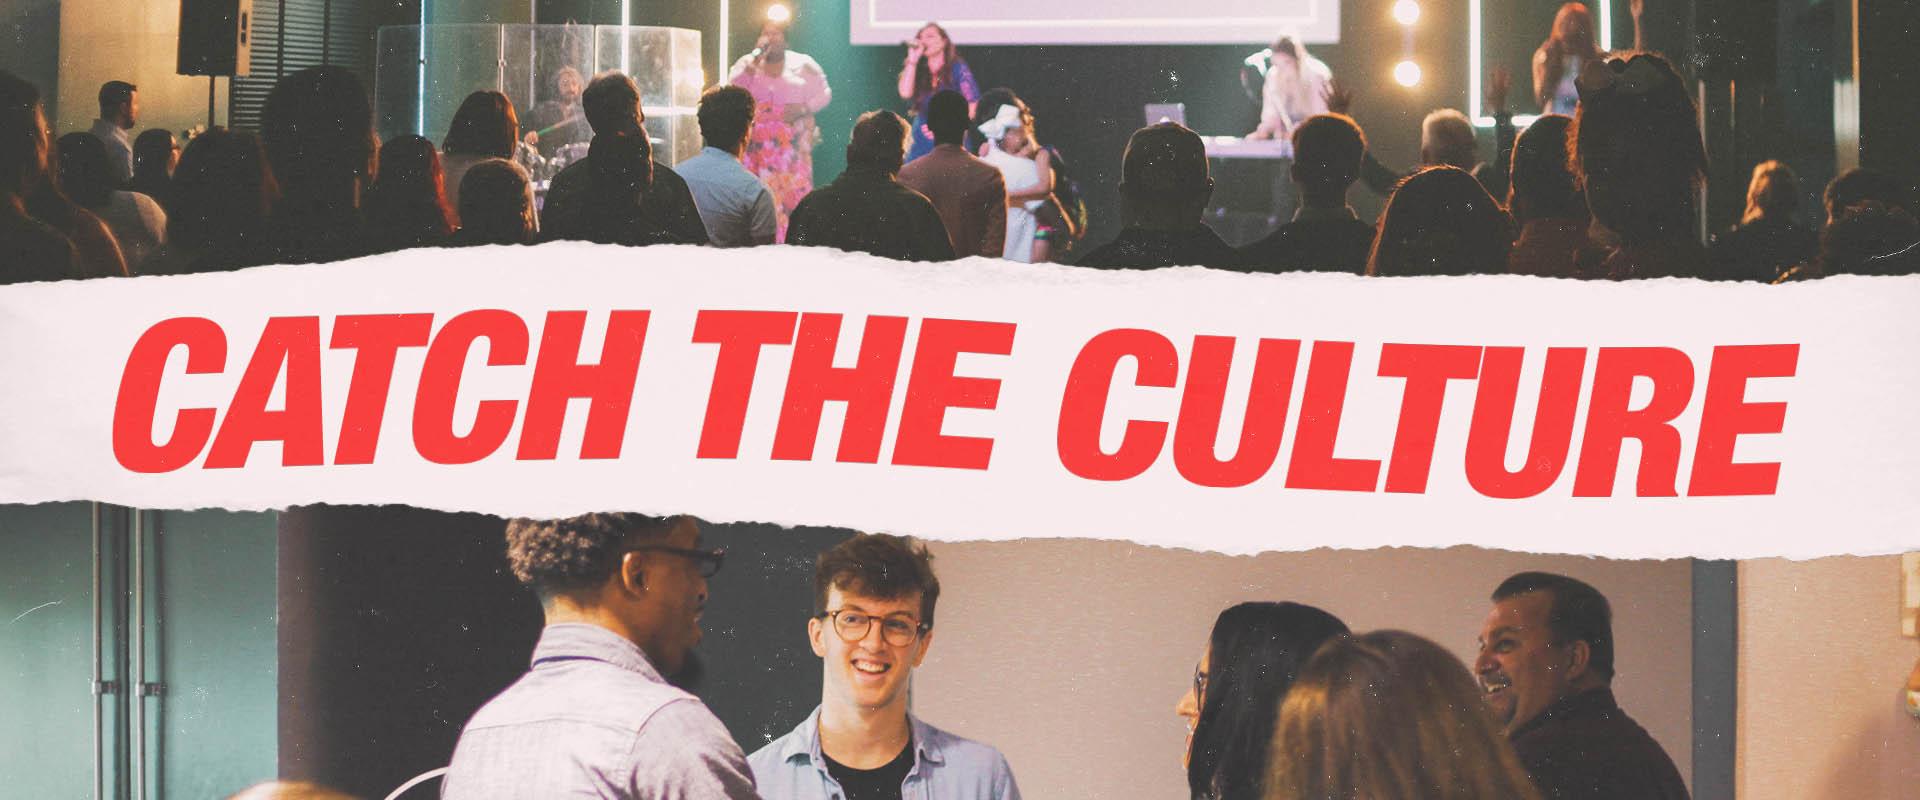 catch the culture 2.jpg